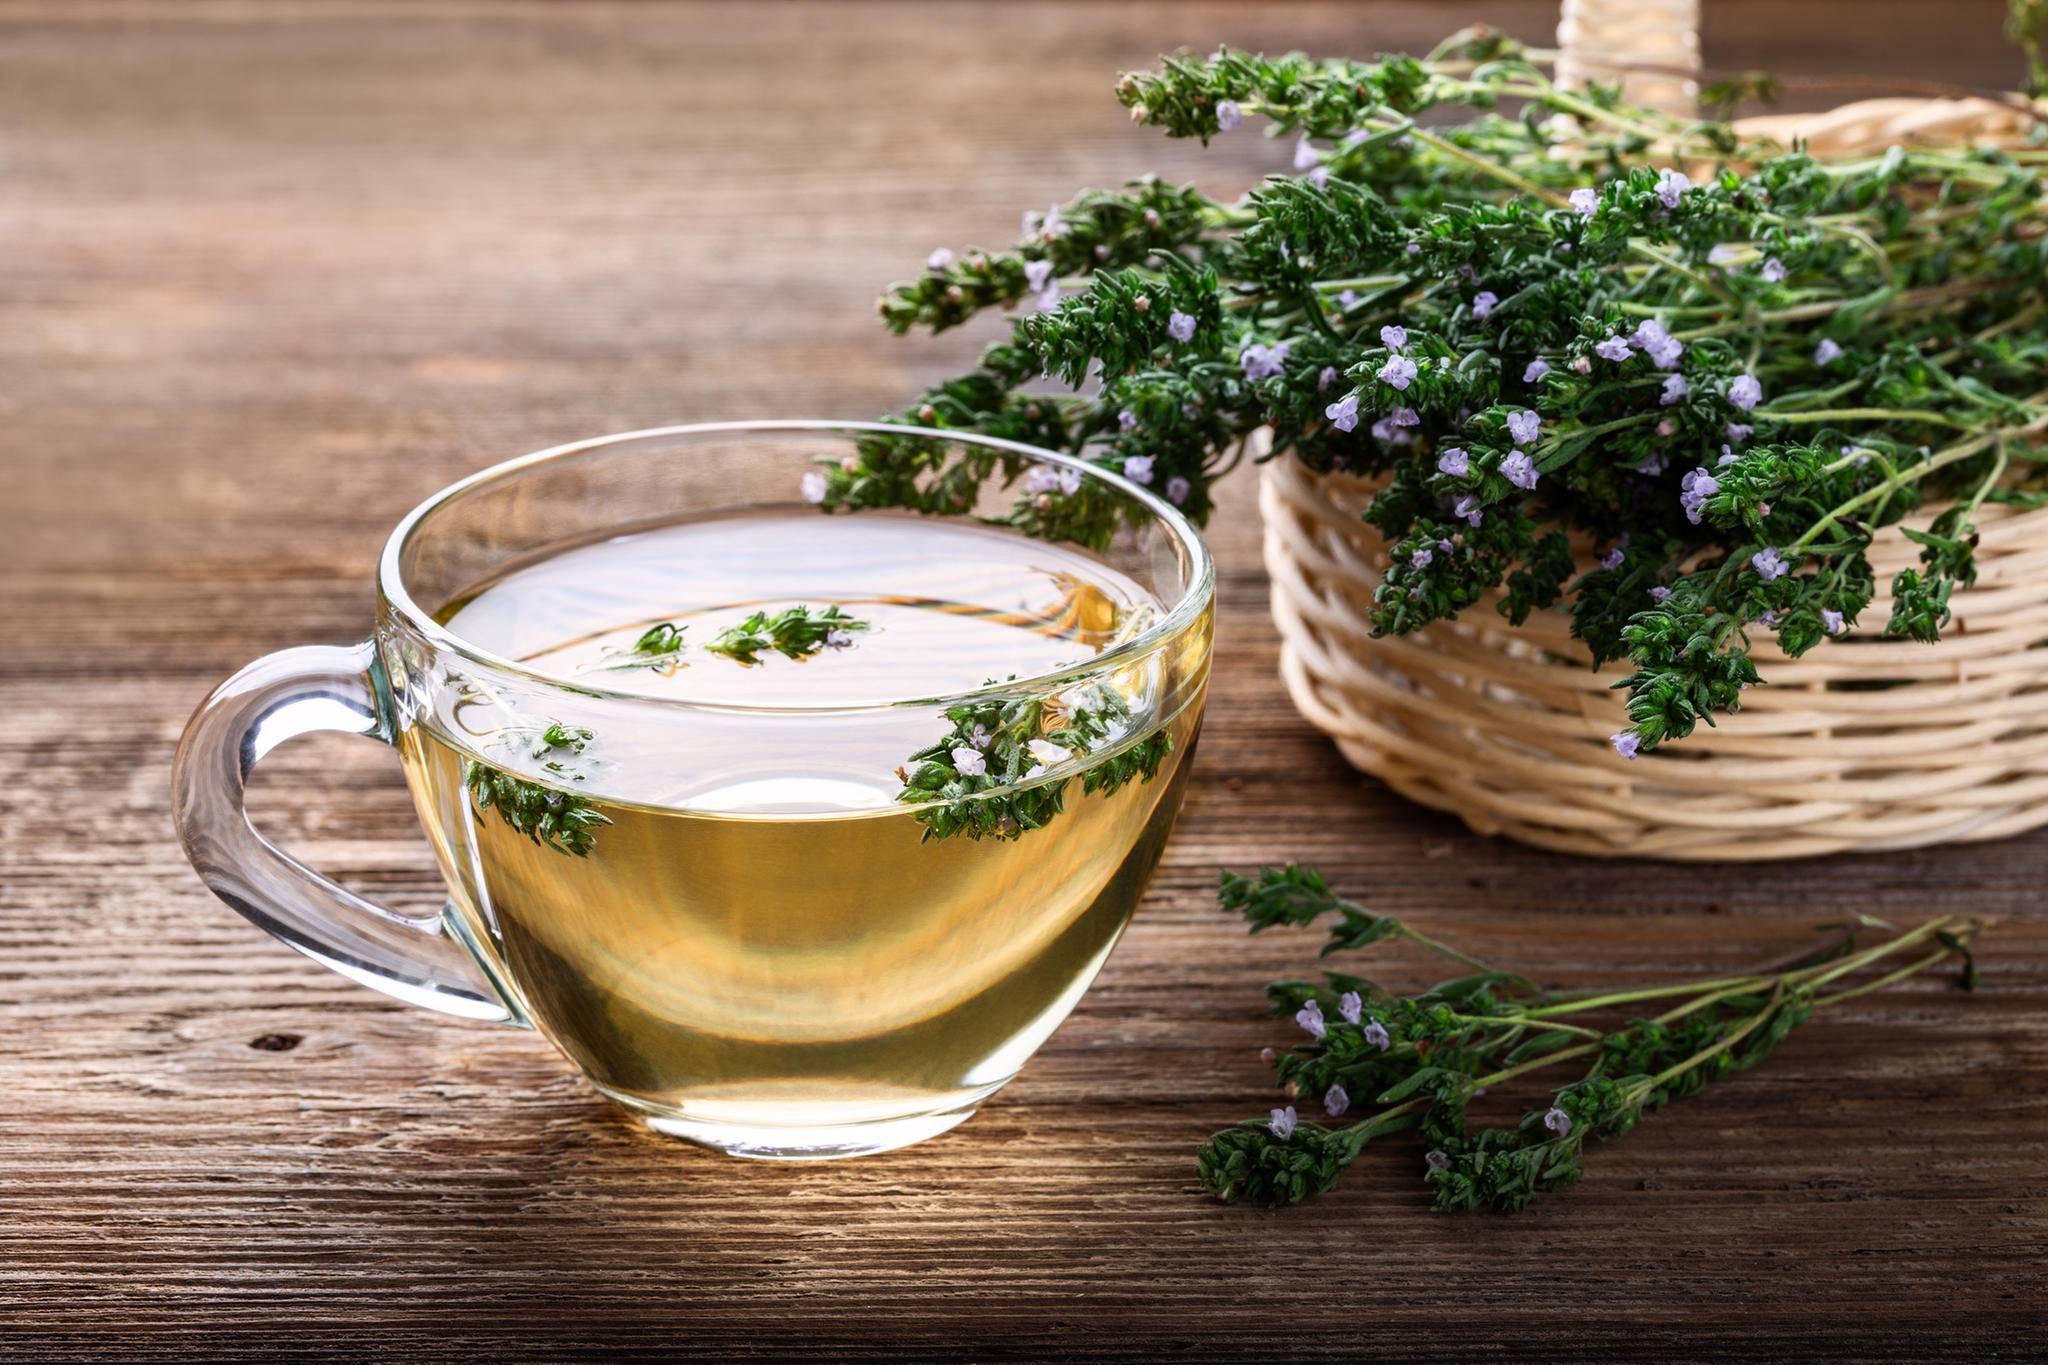 Розмарин: лечебные свойства, польза для здоровья и народные рецепты